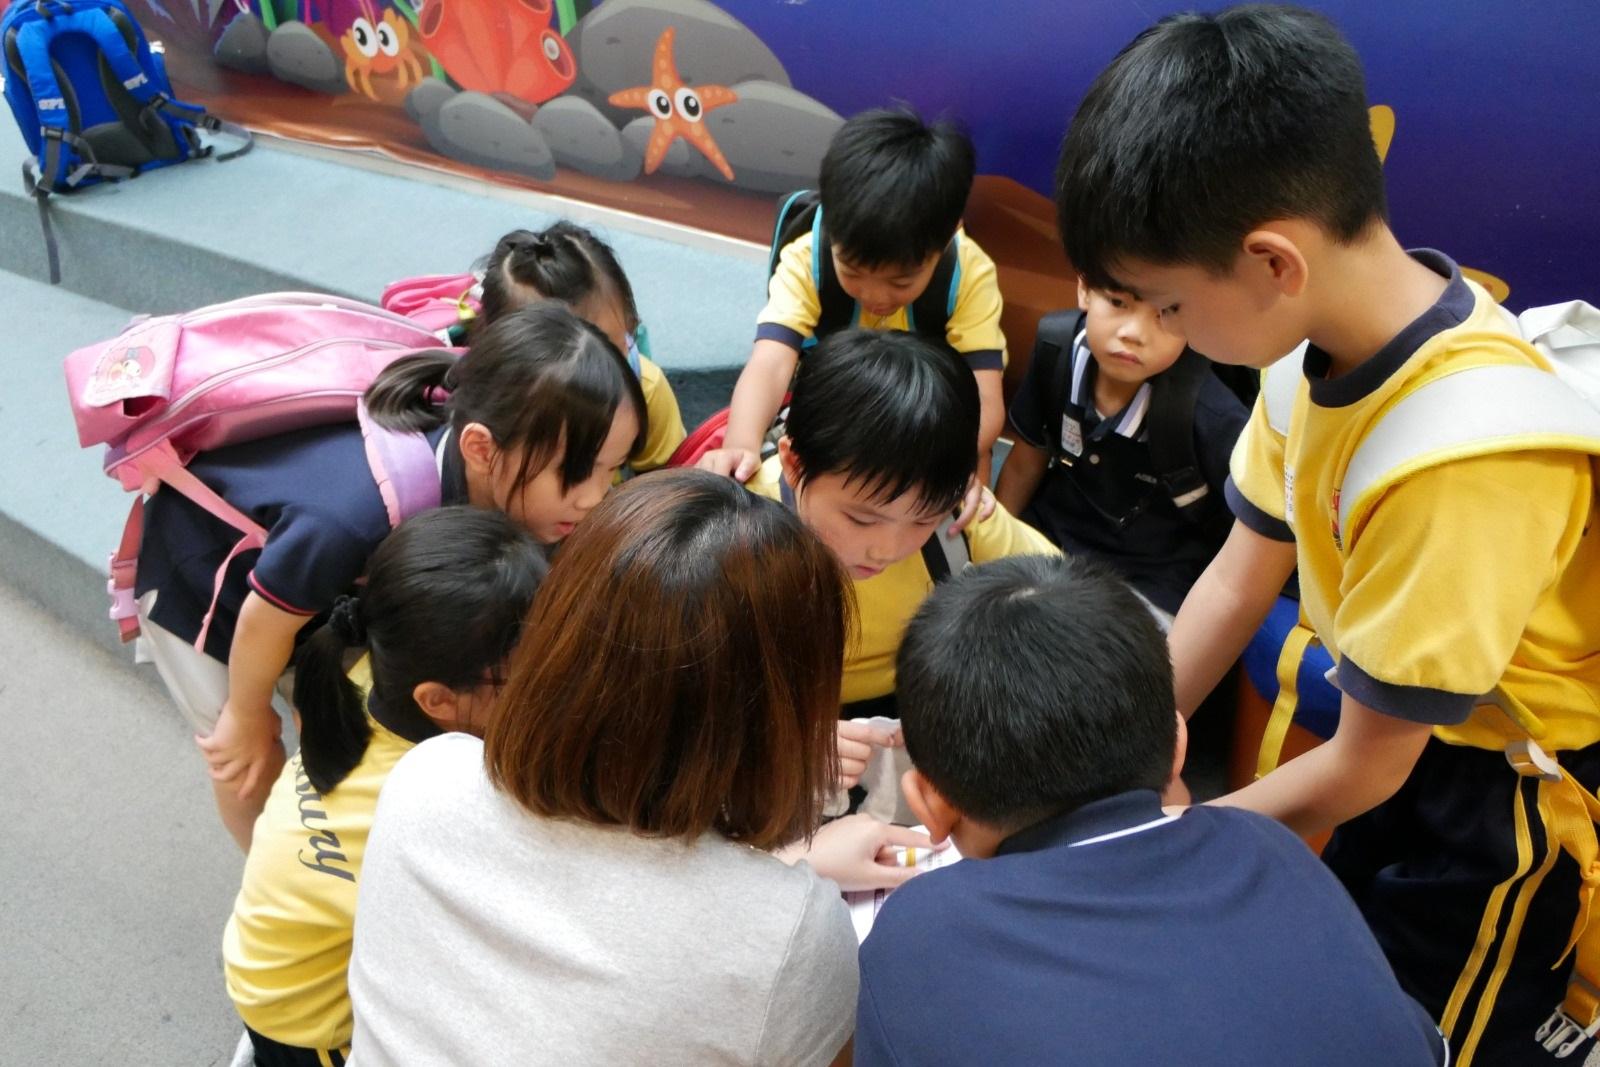 從參與小組合作過程中,鍛煉同學的解難能力。(圖片由校方提供)